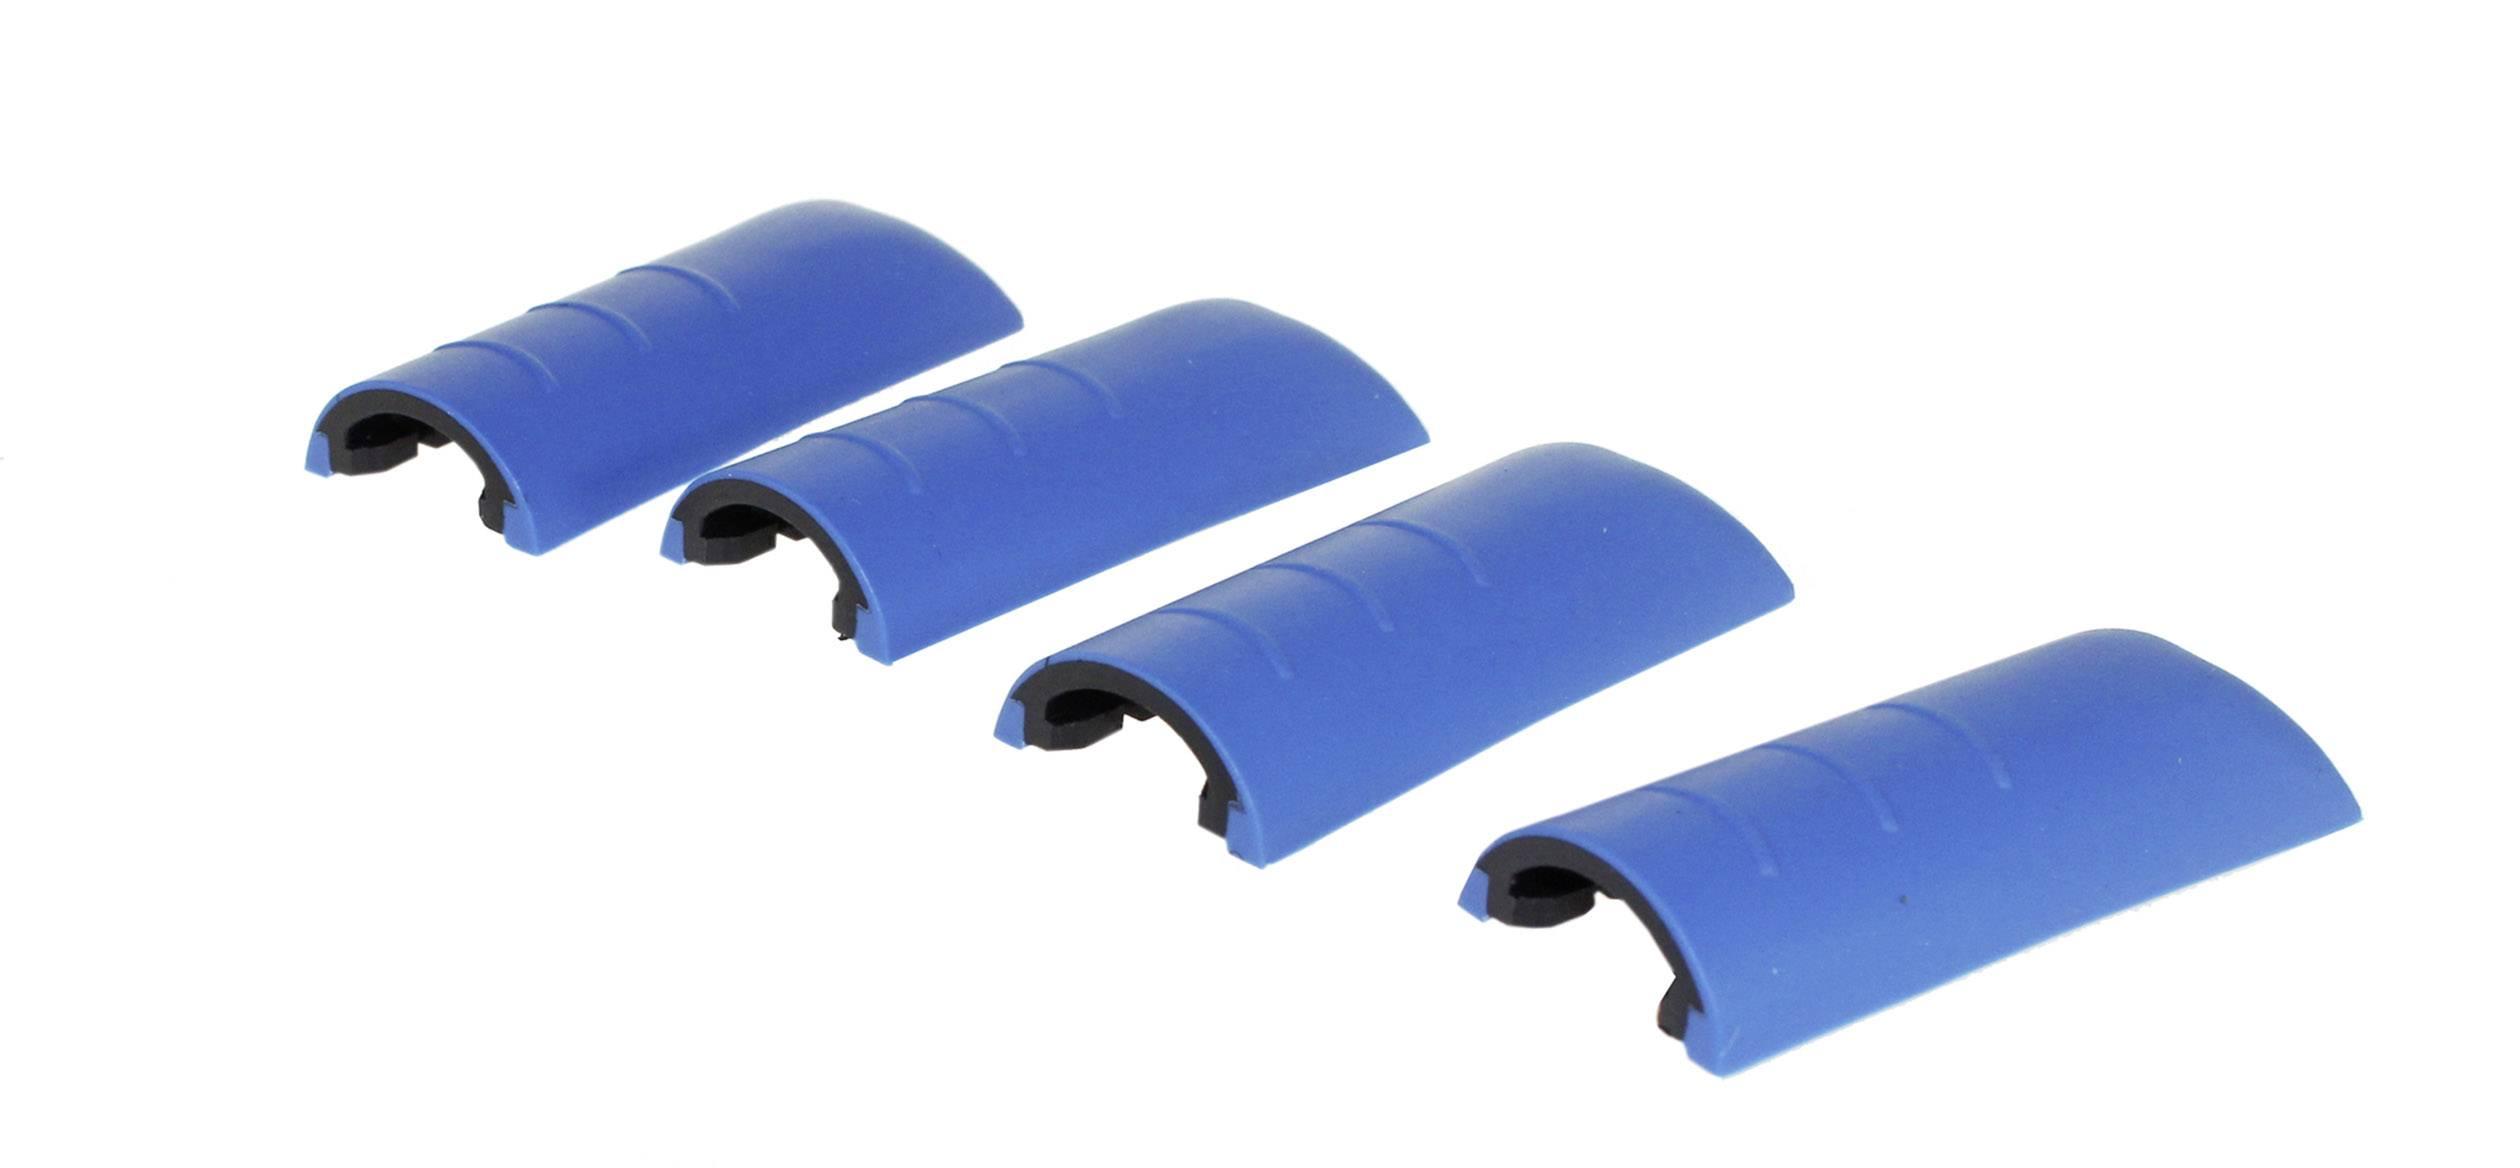 Chrániče rohov skrine Axxatronic CHH66C2BL, umelá hmota, modrá, 4 ks